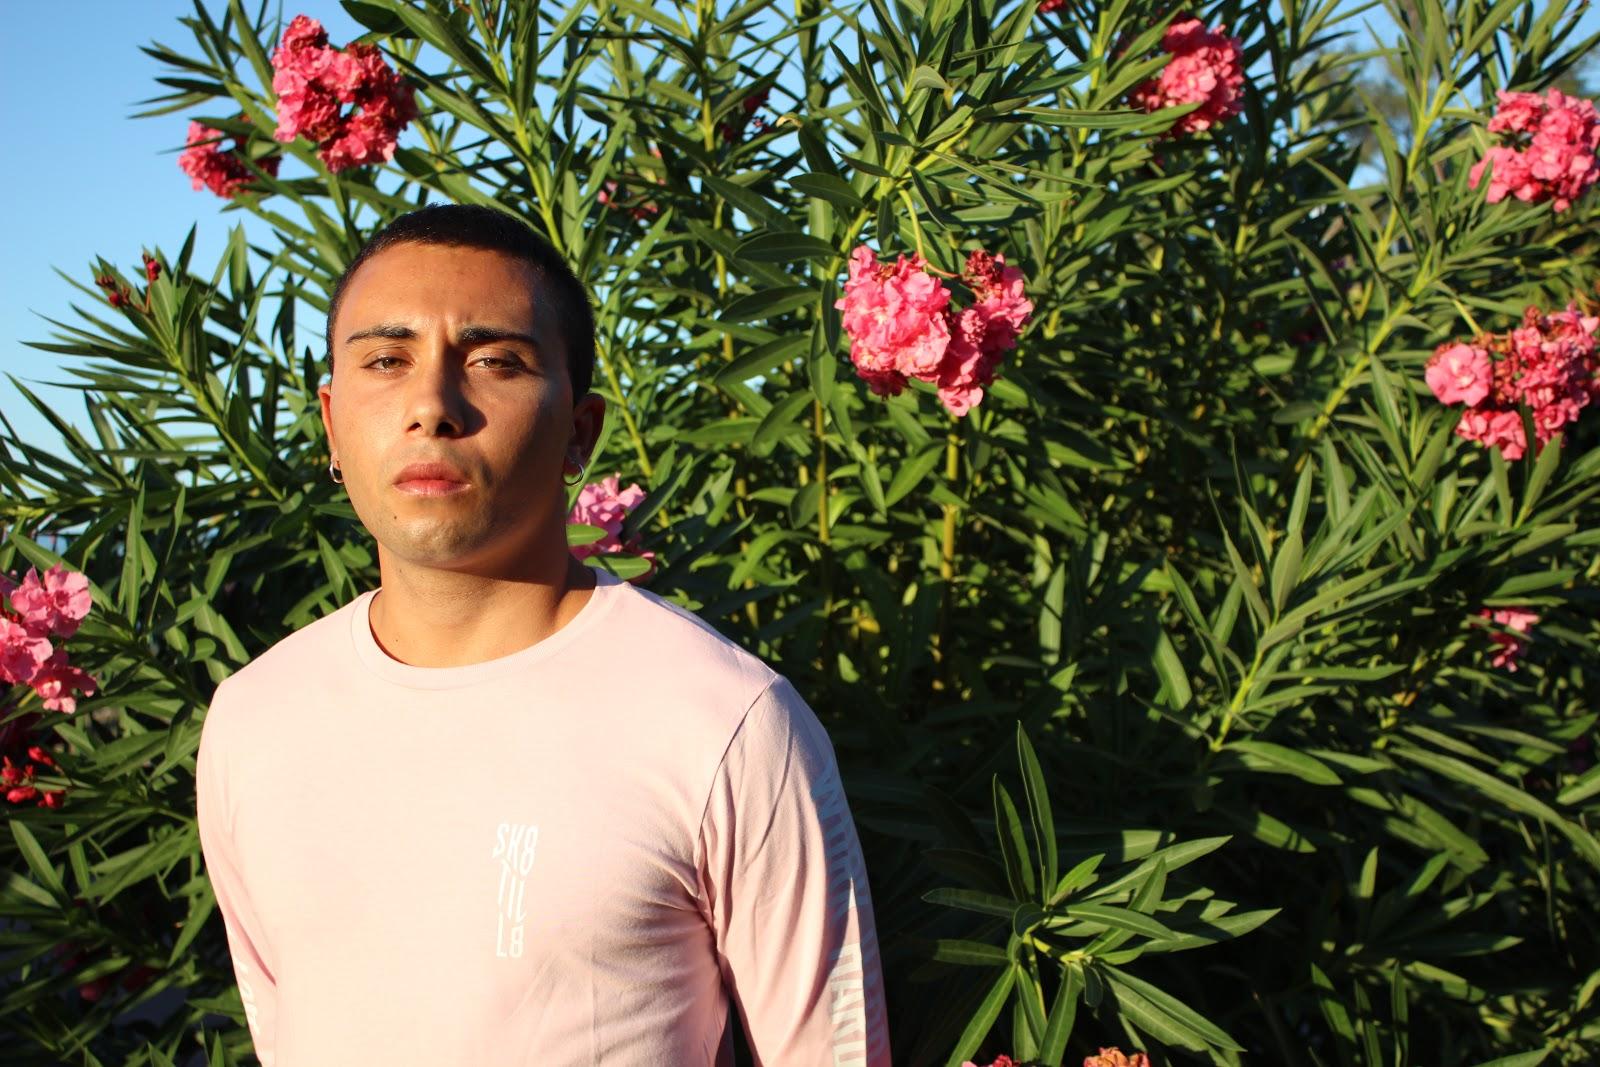 Consigli musicali: I AM – Il rapper molisano presenta il suo disco al Molise.